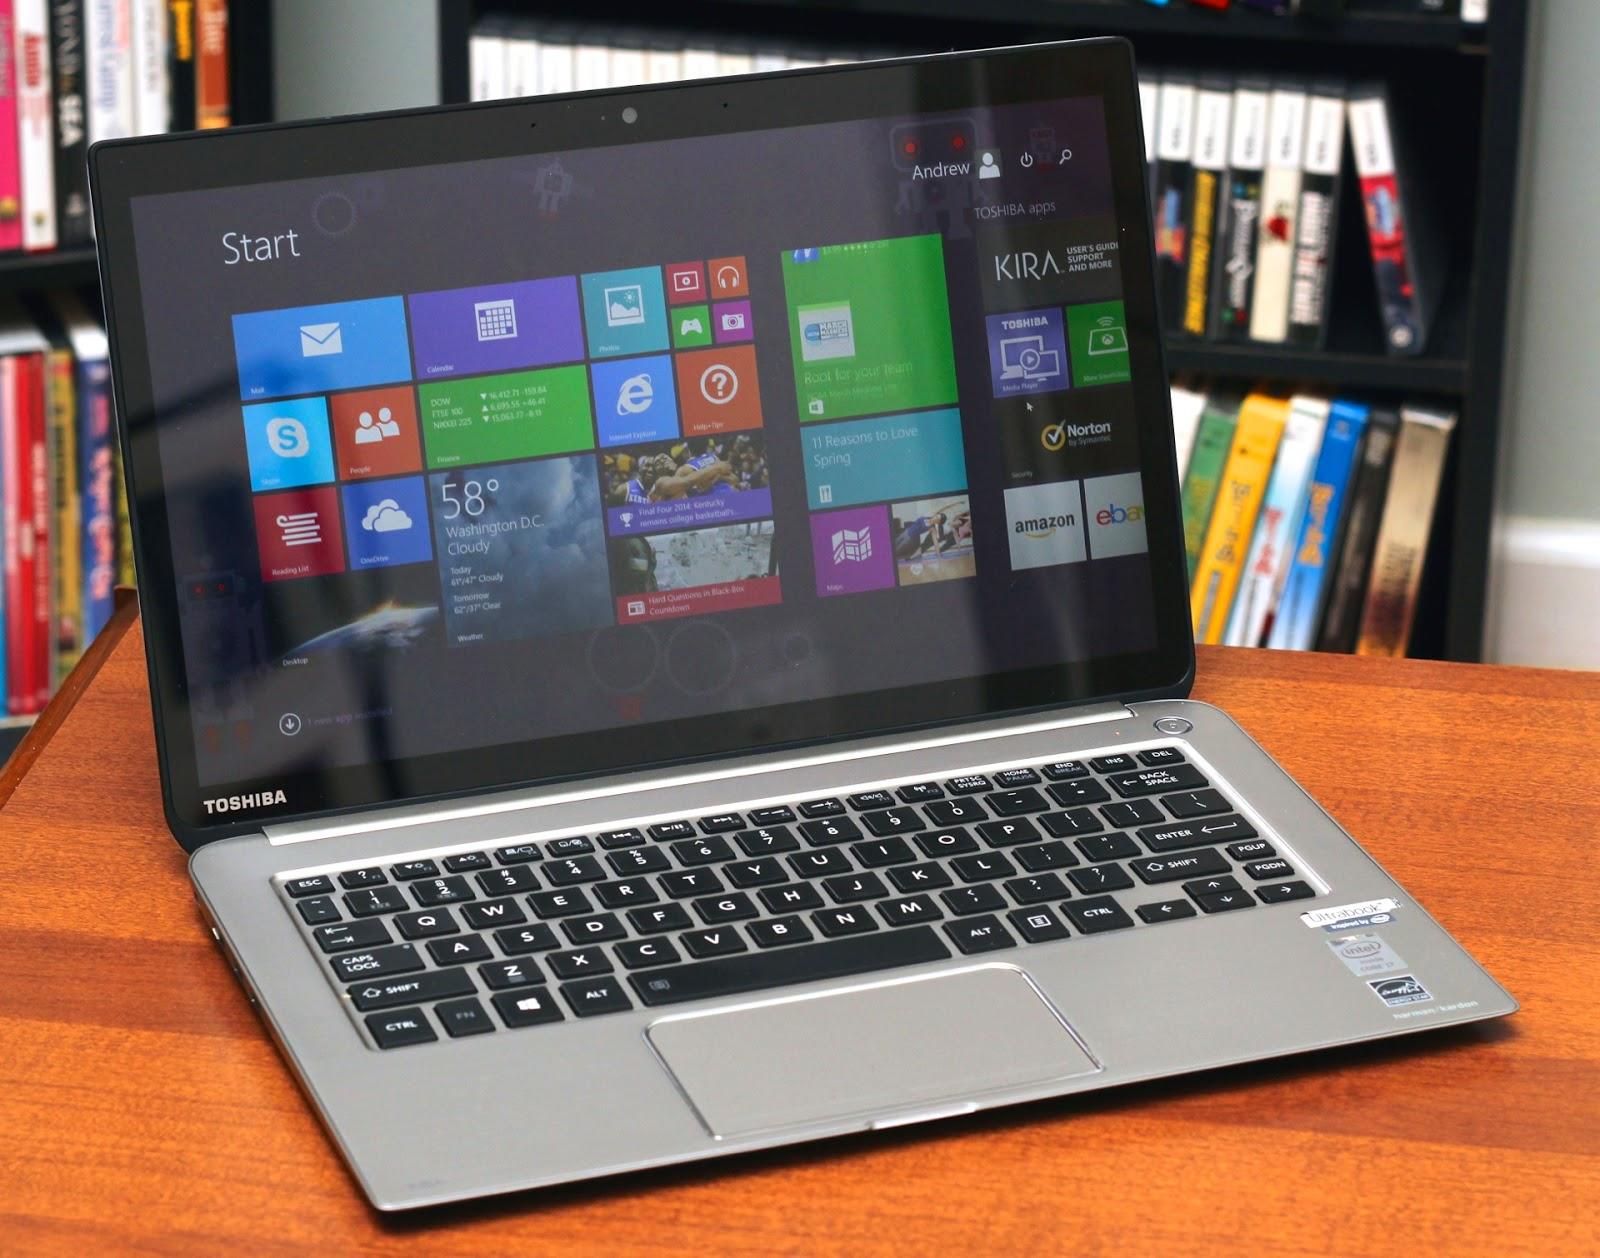 Harga Laptop Toshiba Satellite P50 Terbaru 2014